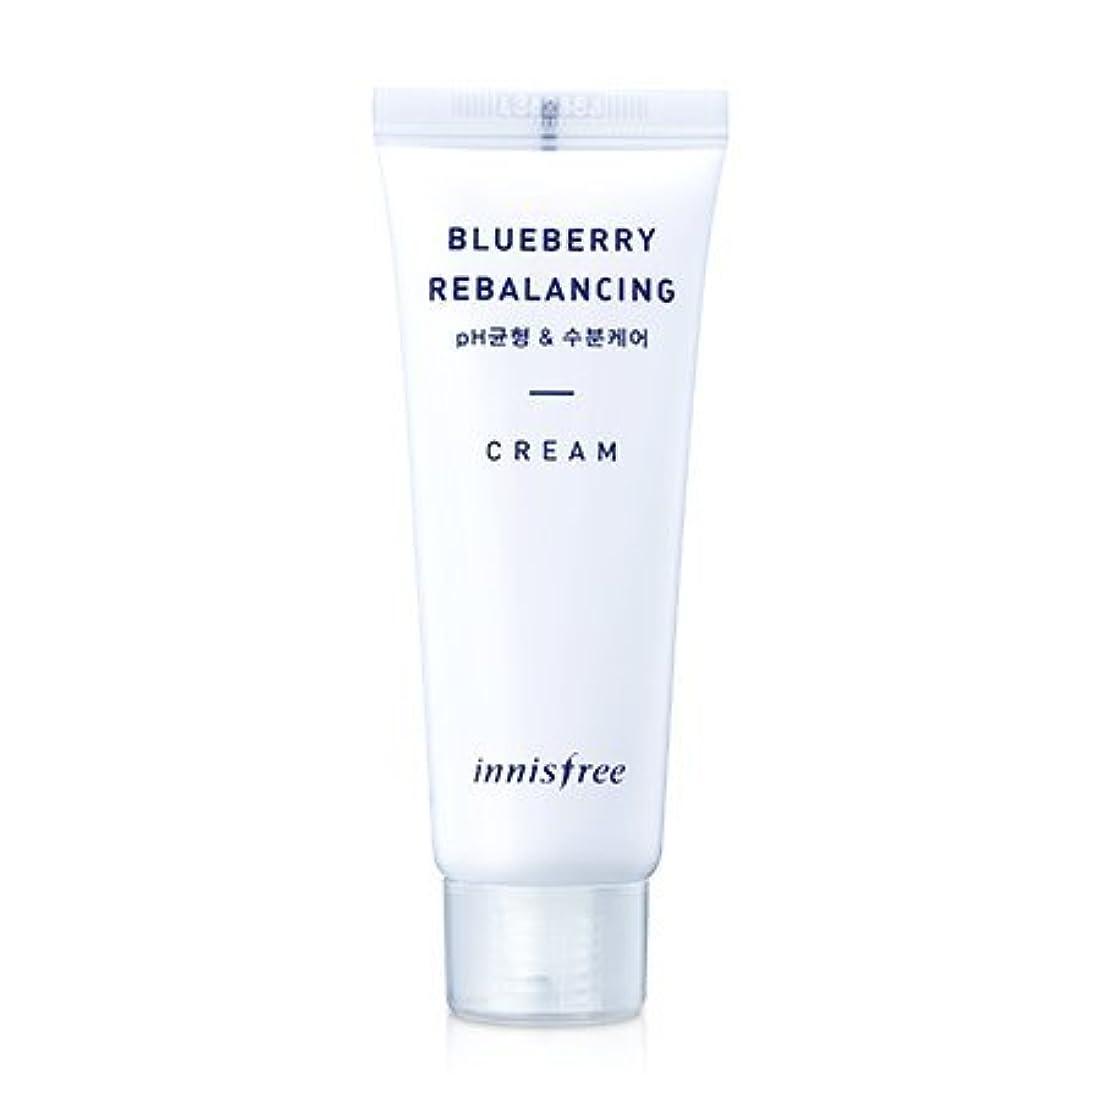 部人口スプリット[innisfree(イニスフリー)] Super food_ Blueberry rebalancing cream (50ml) スーパーフード_ブルーベリーリベルロンシンクリーム[並行輸入品][海外直送品]